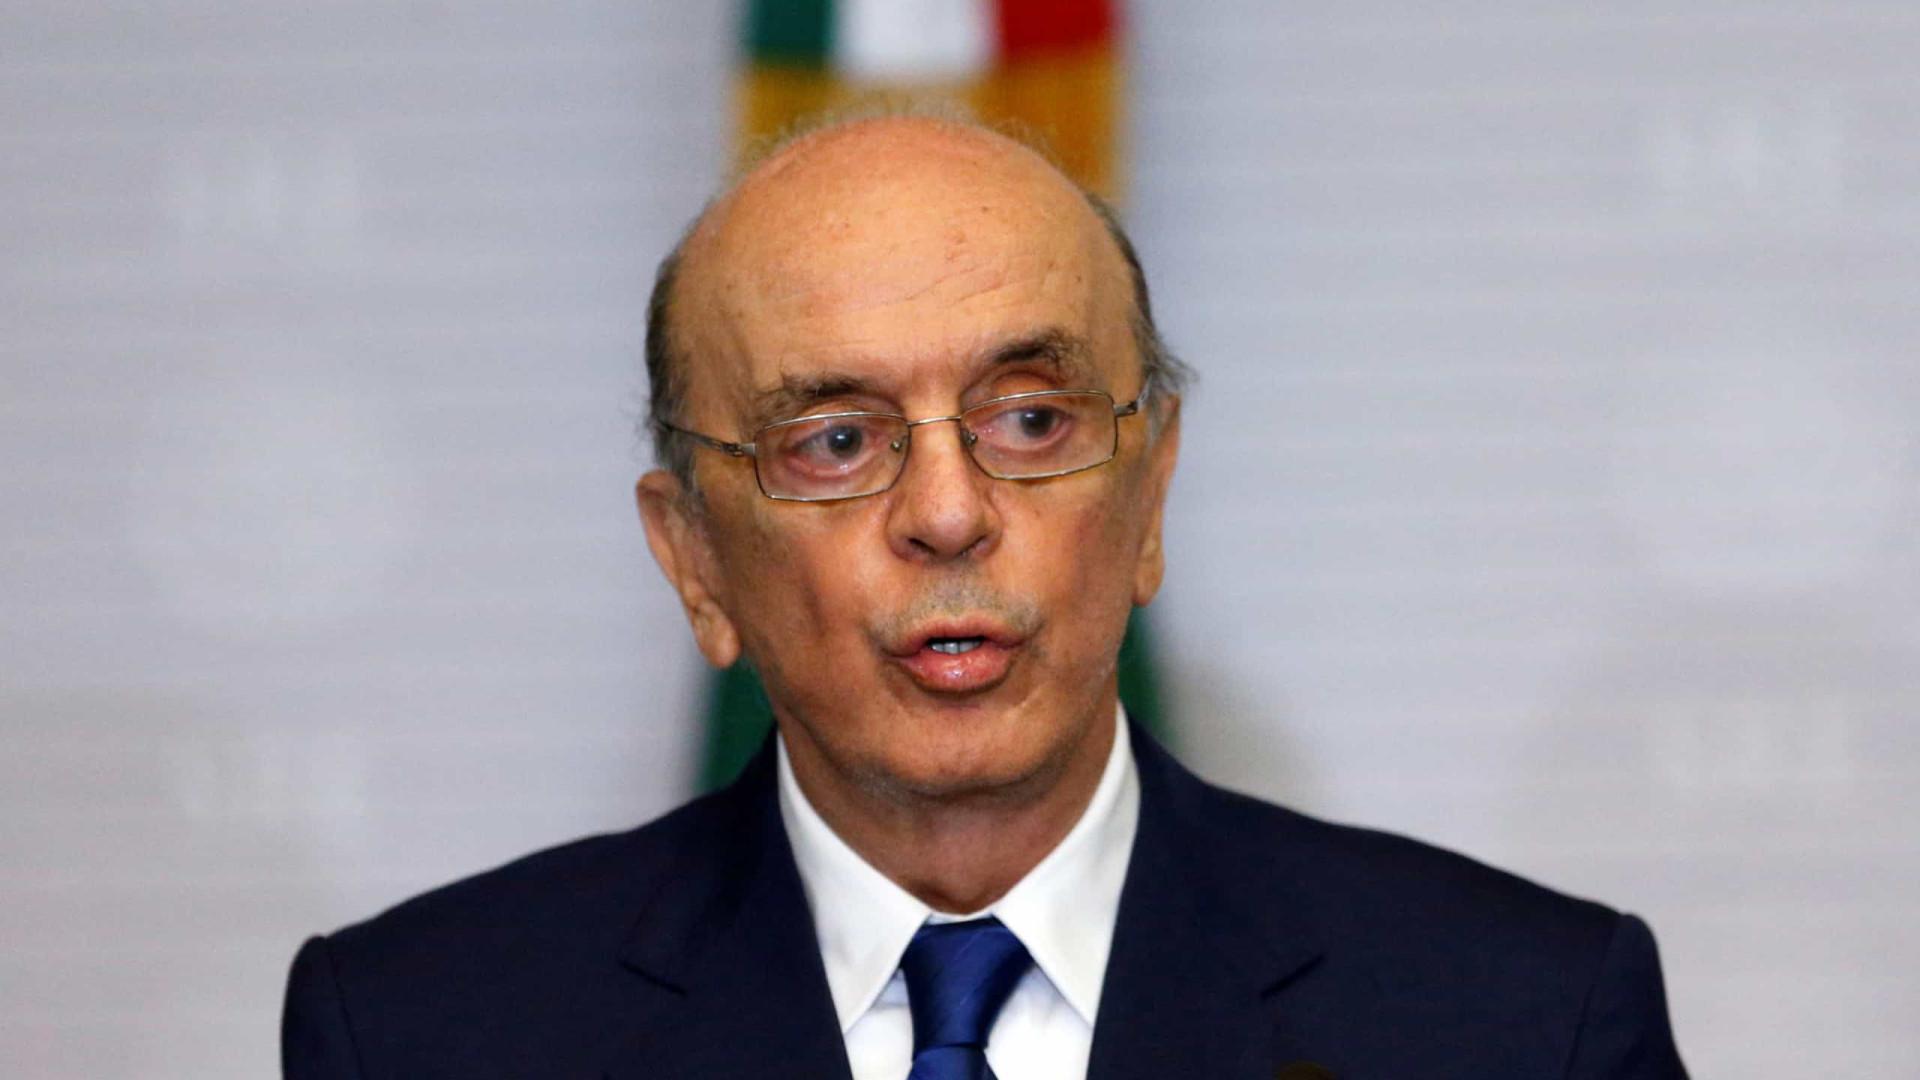 Dez delatores da Odebrecht, Andrade Gutierrez e OAS entregaram Serra